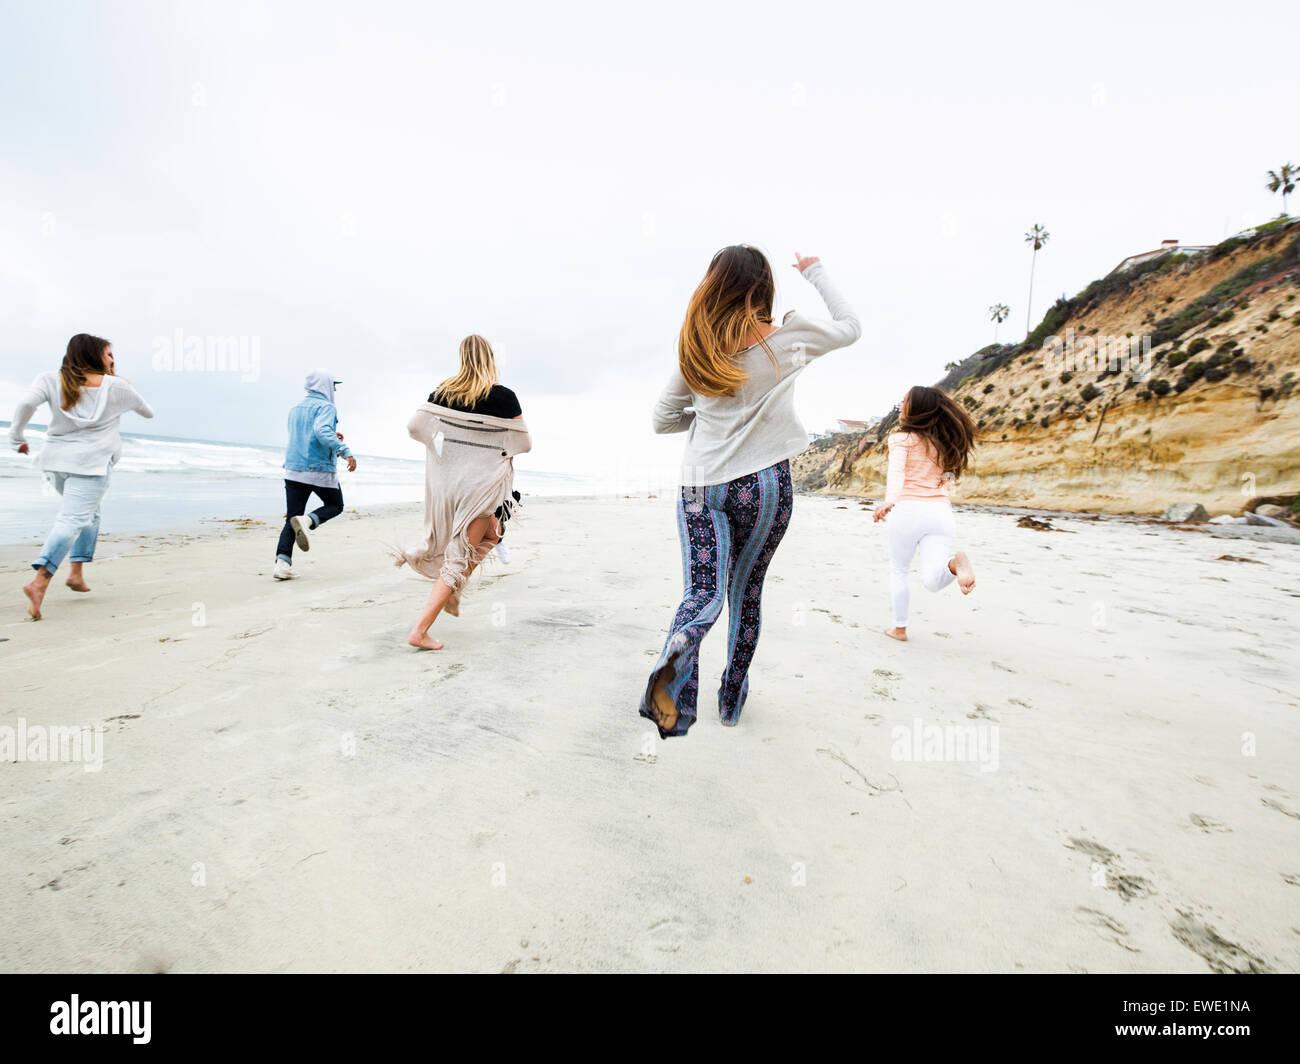 Un gruppo di giovani uomini e donne in esecuzione su una spiaggia, divertimento Immagini Stock